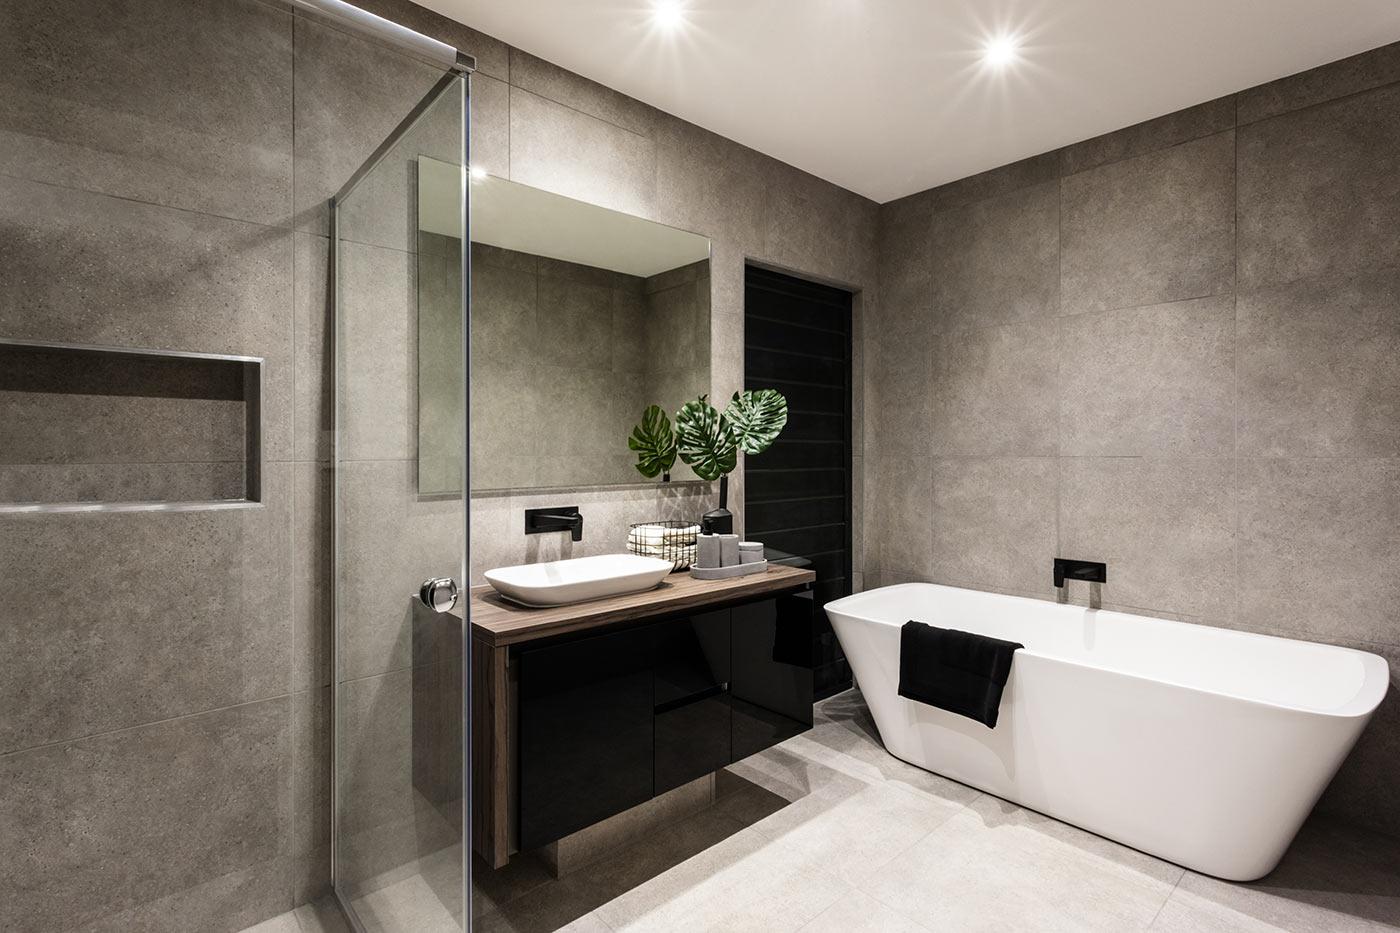 Idee Per Arredare Bagno idee di arredo per un bagno in stile moderno | man casa